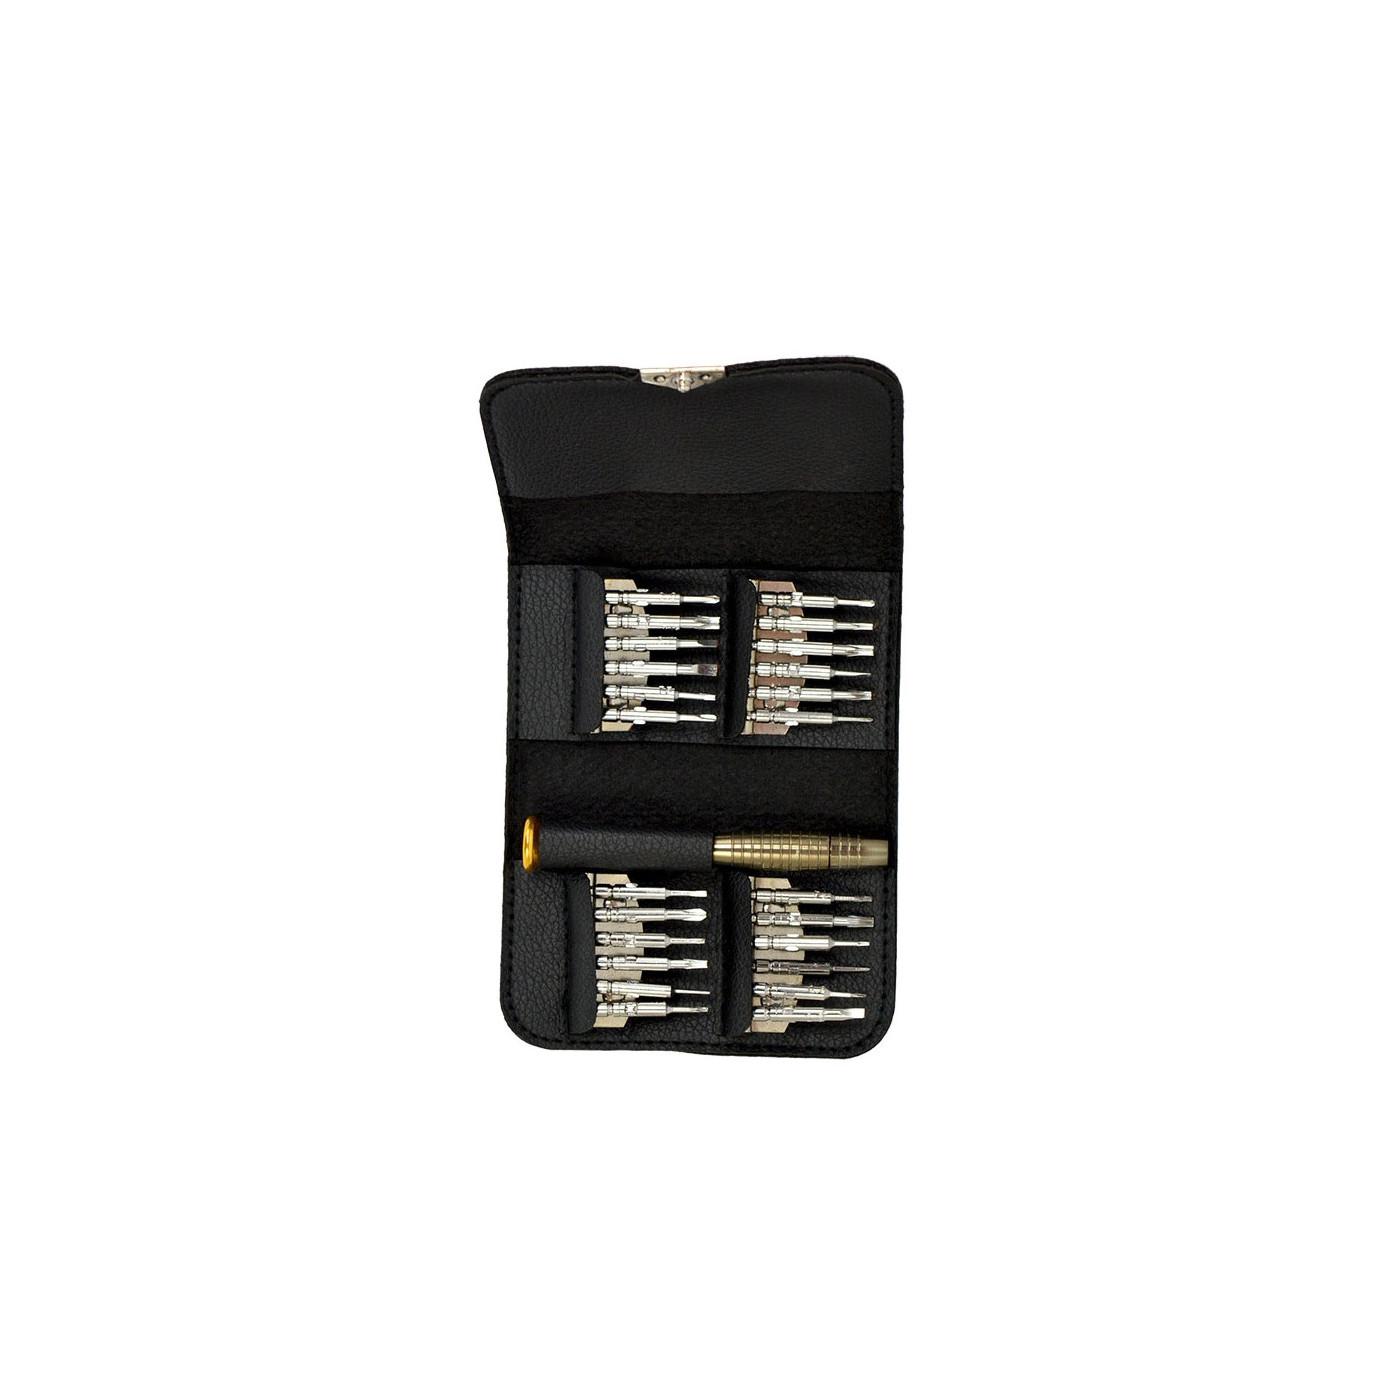 Kit de réparation de tournevis dans une pochette (25 pièces)